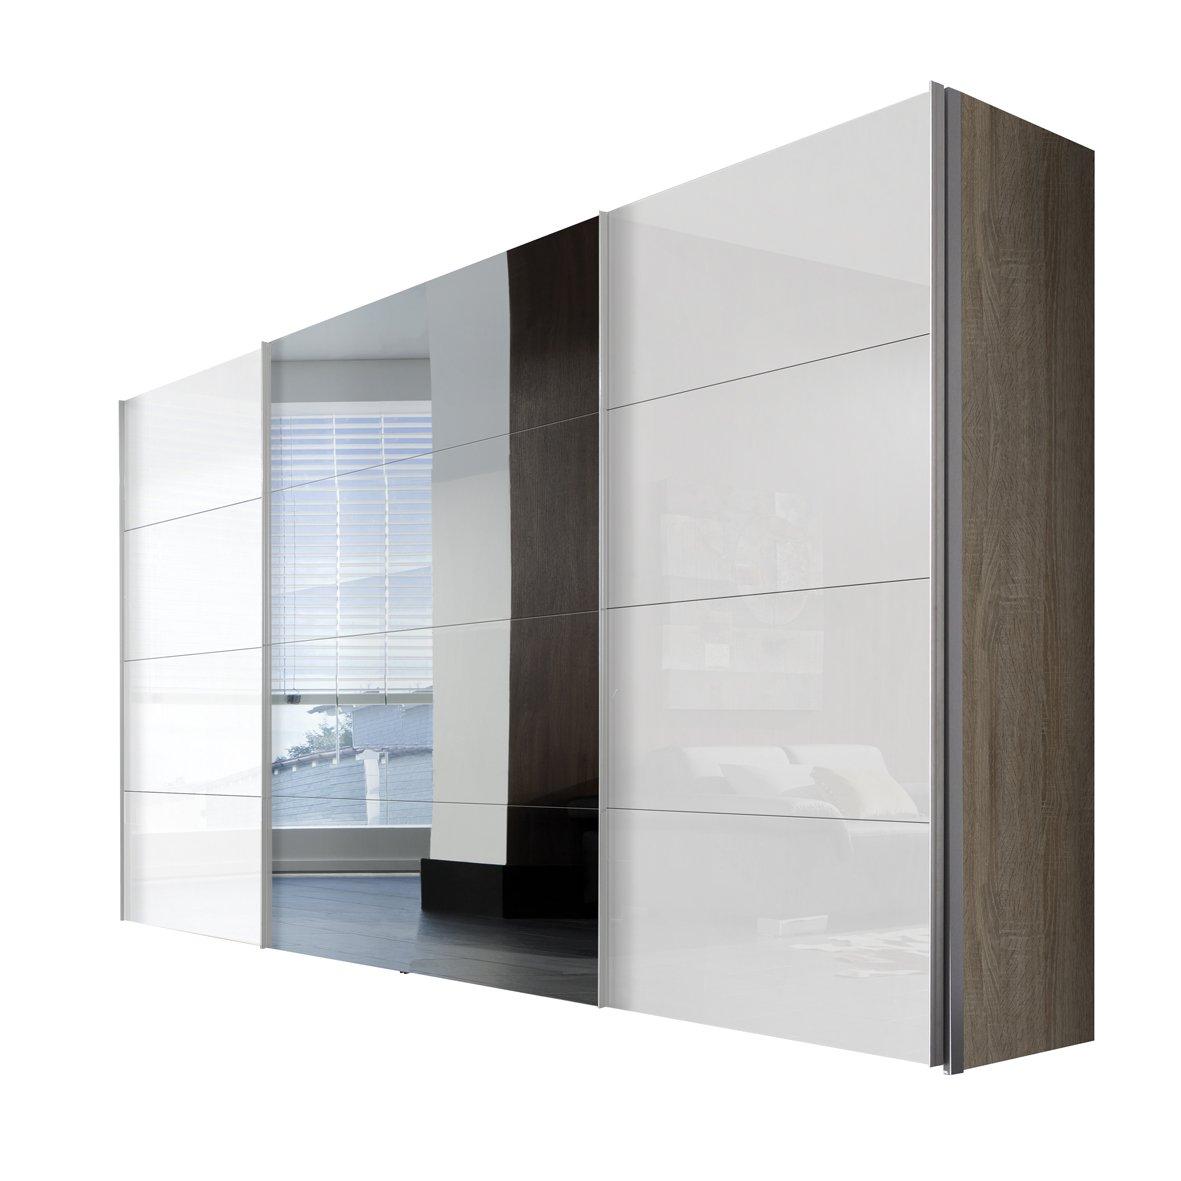 Solutions 47910-203 Schwebetürenschrank 3-türig, Korpus Sonoma-eiche, Front lack weiß, Spiegel, Griffleisten alufarben, 68 x 350 x 216 cm